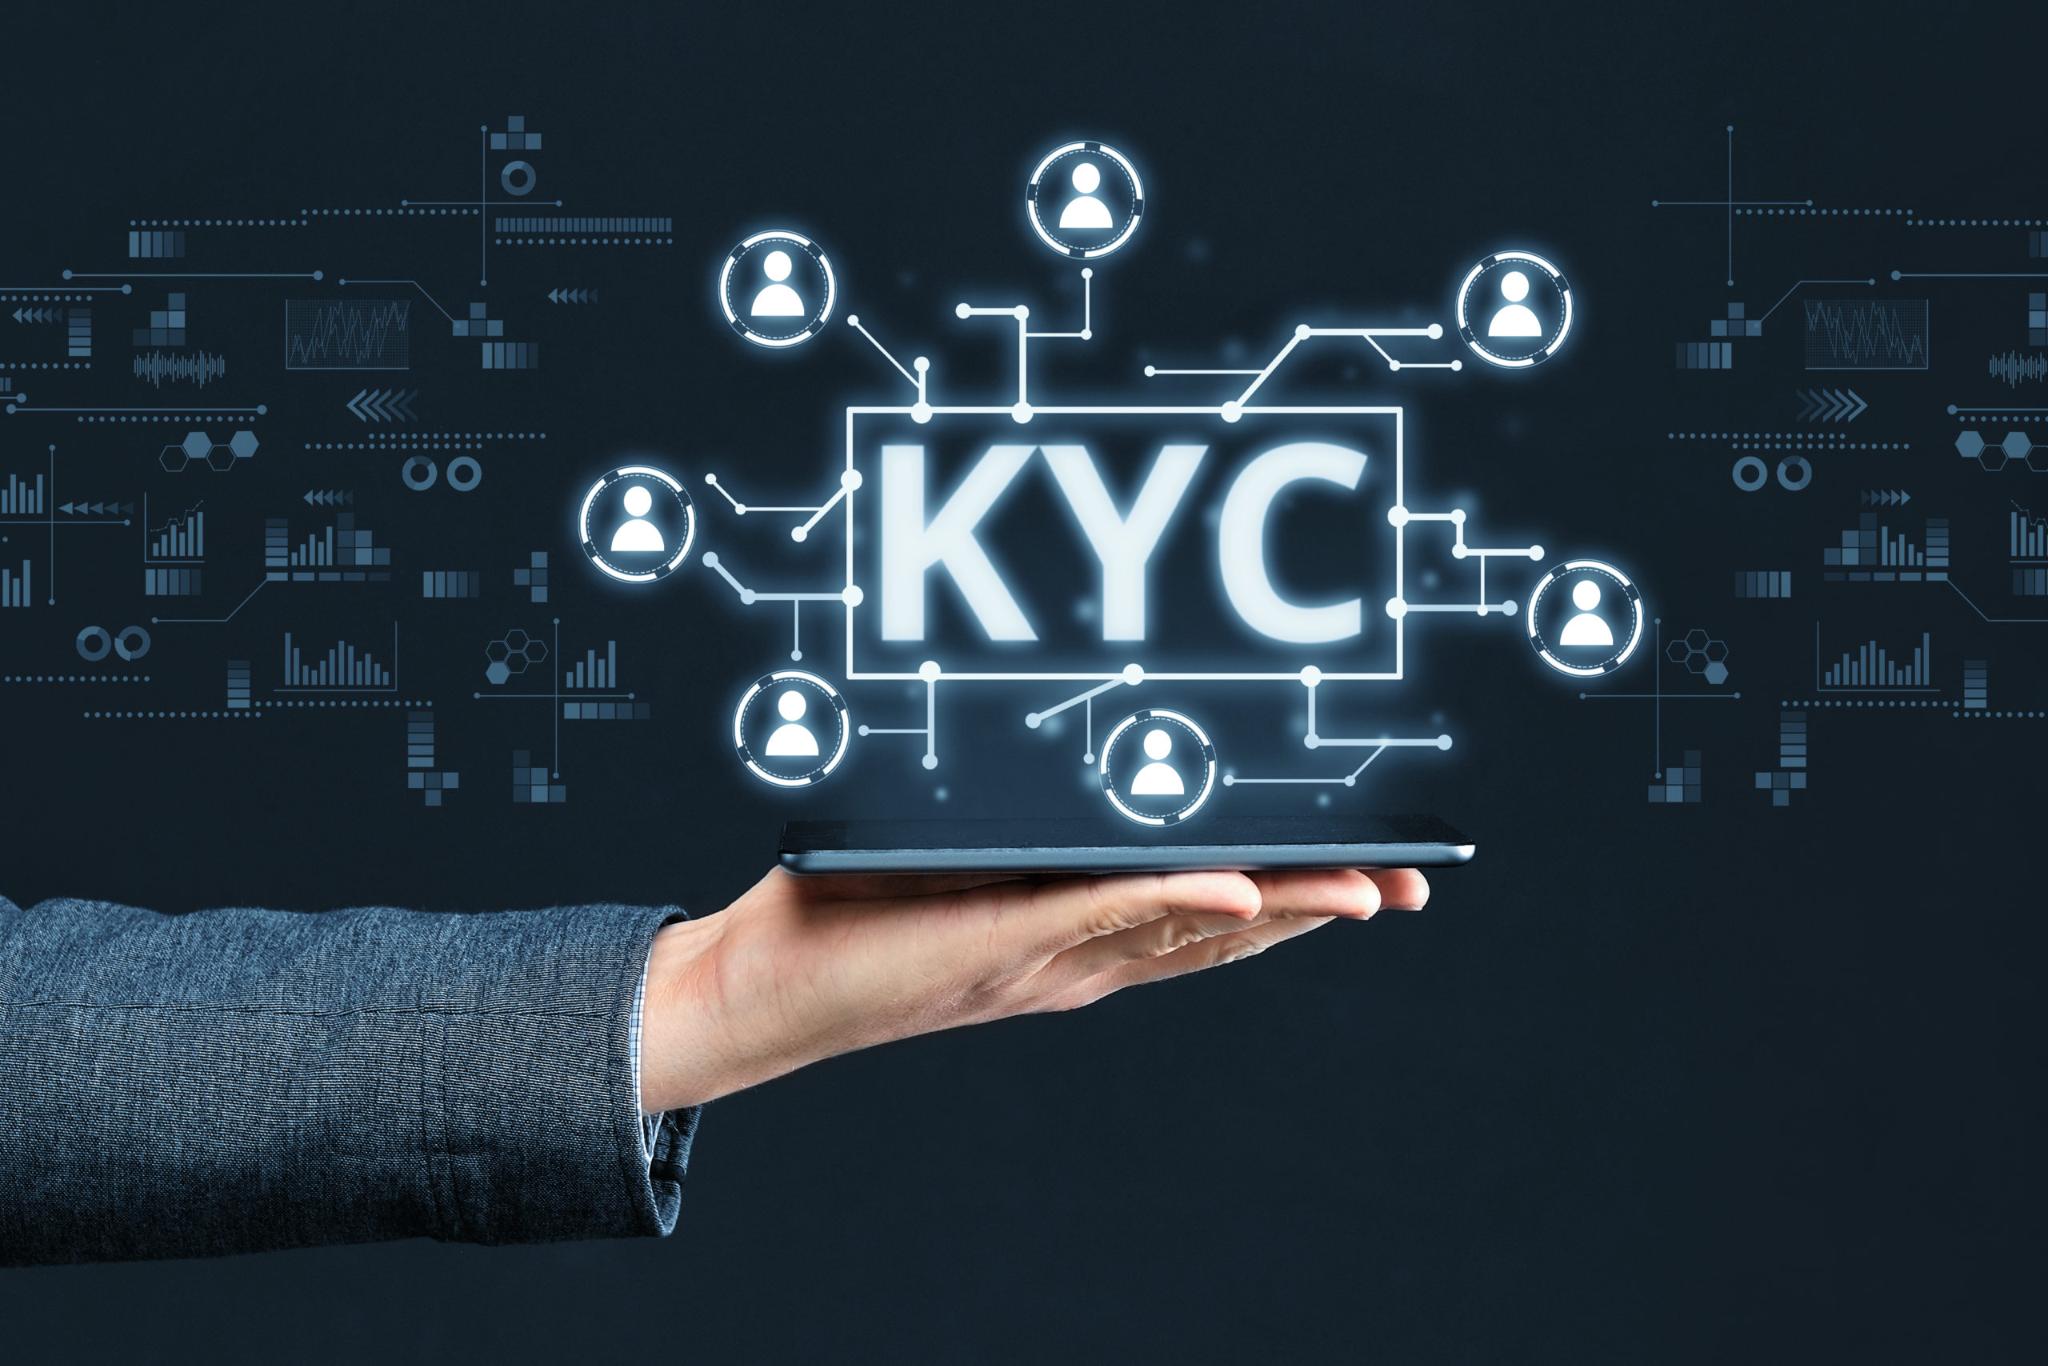 Tại sao eKYC phổ biến trong lĩnh vực ngân hàng